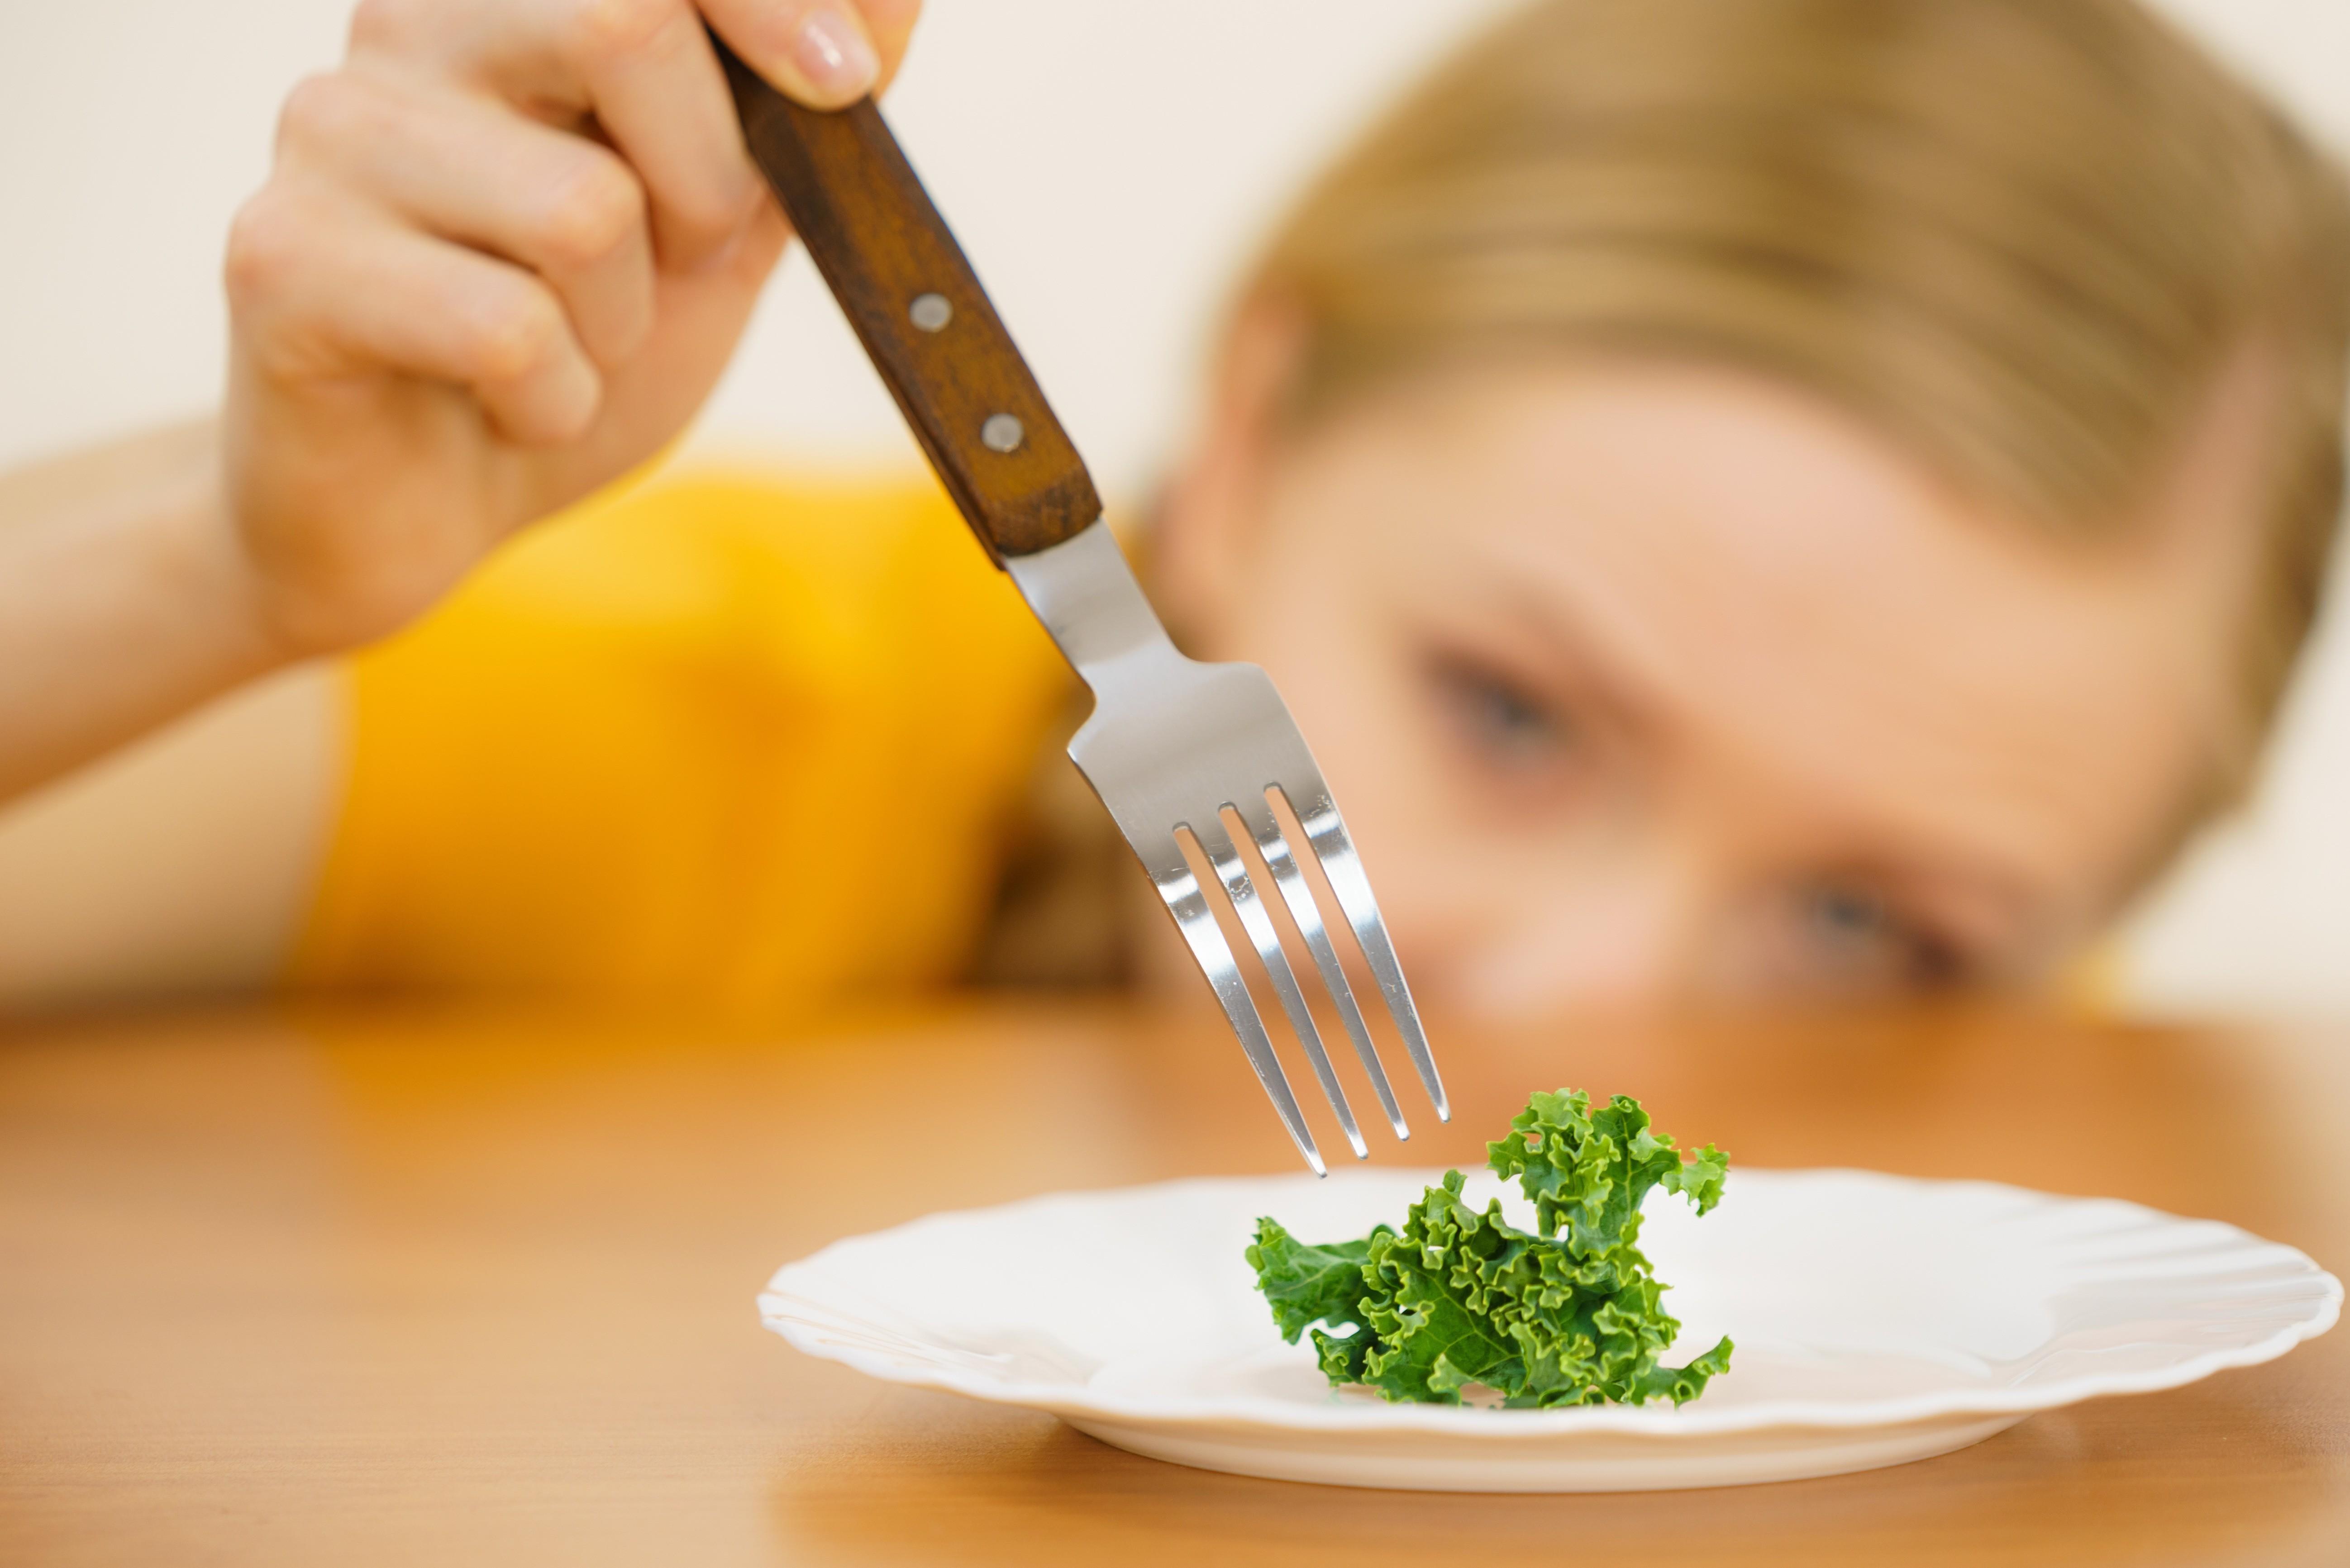 5 диет, которые испортят твое здоровье (и это серьезно)